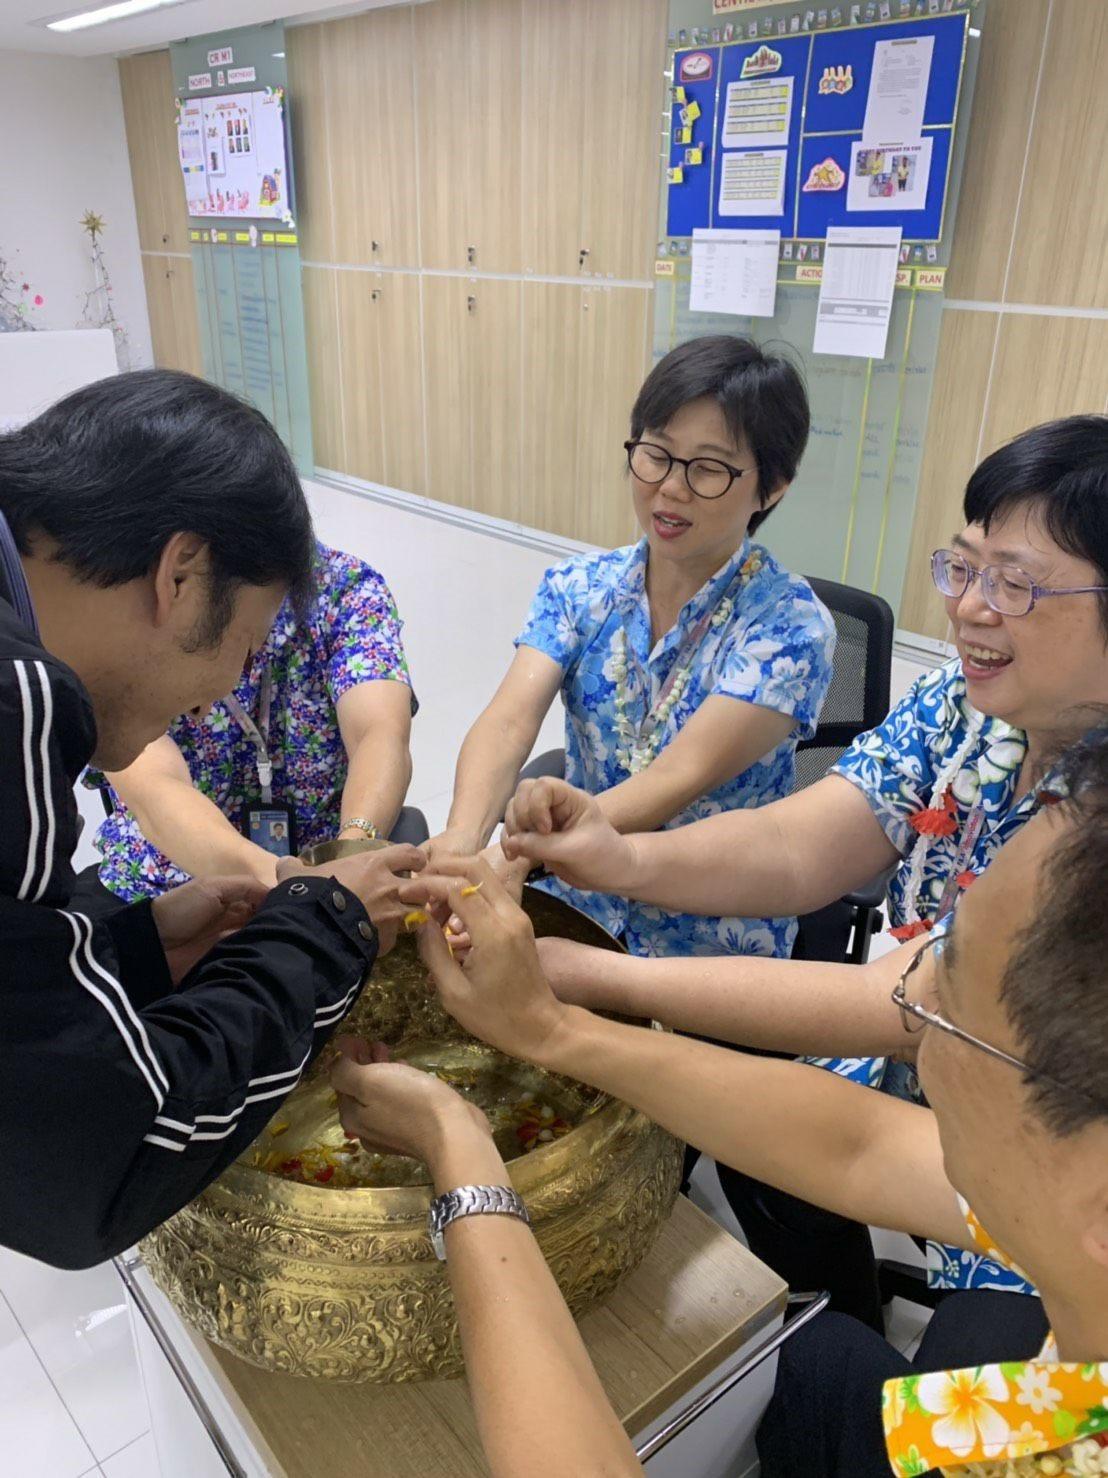 Memperkenalkan ritual pemberkatan yang menggunakan air kelopak bunga untuk mencuci telapak tangan kepada para orang tua Thailand